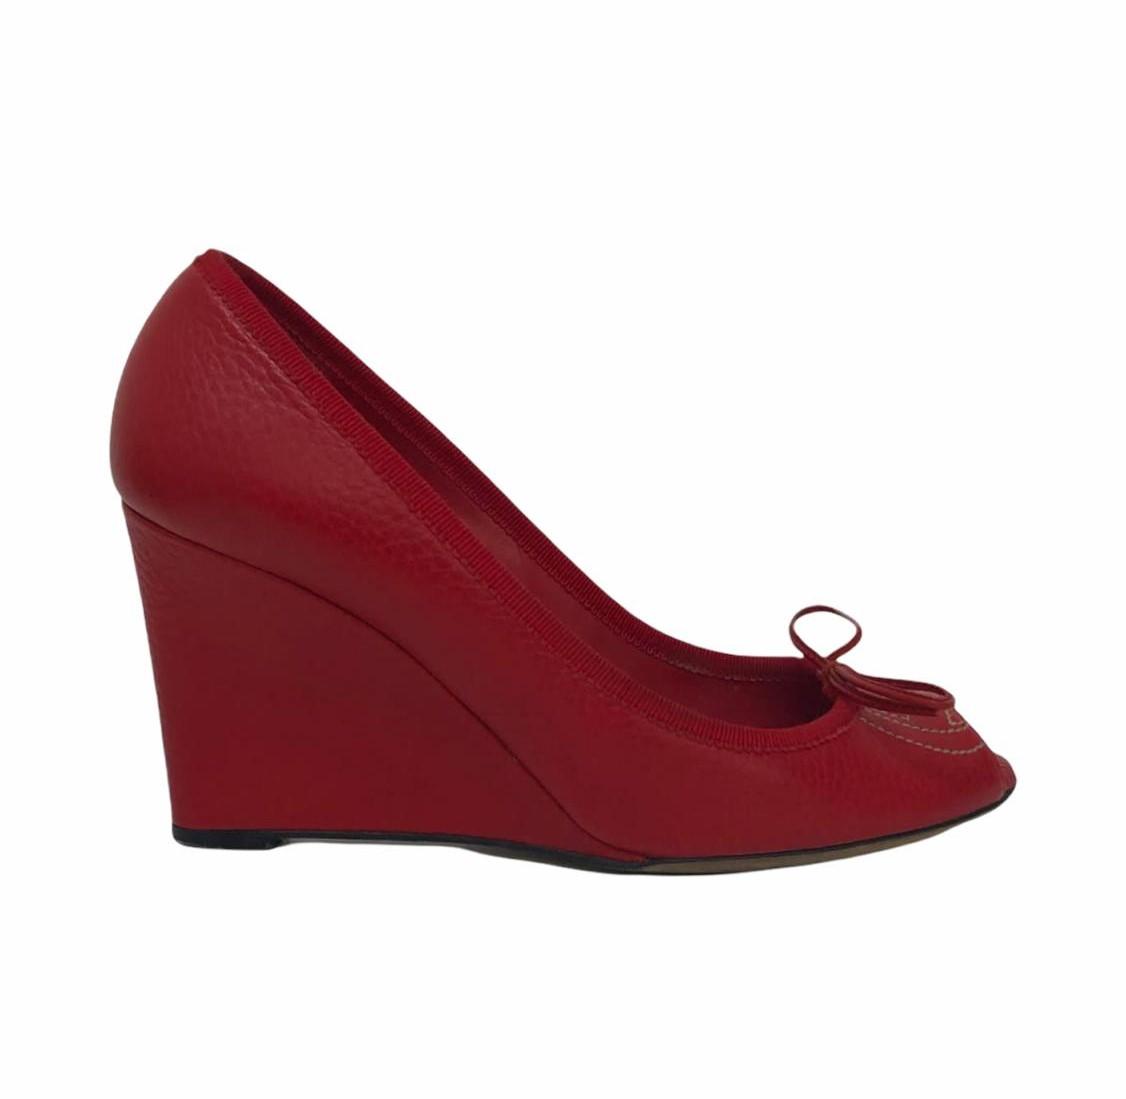 Sapato Gucci Plataforma Vermelho